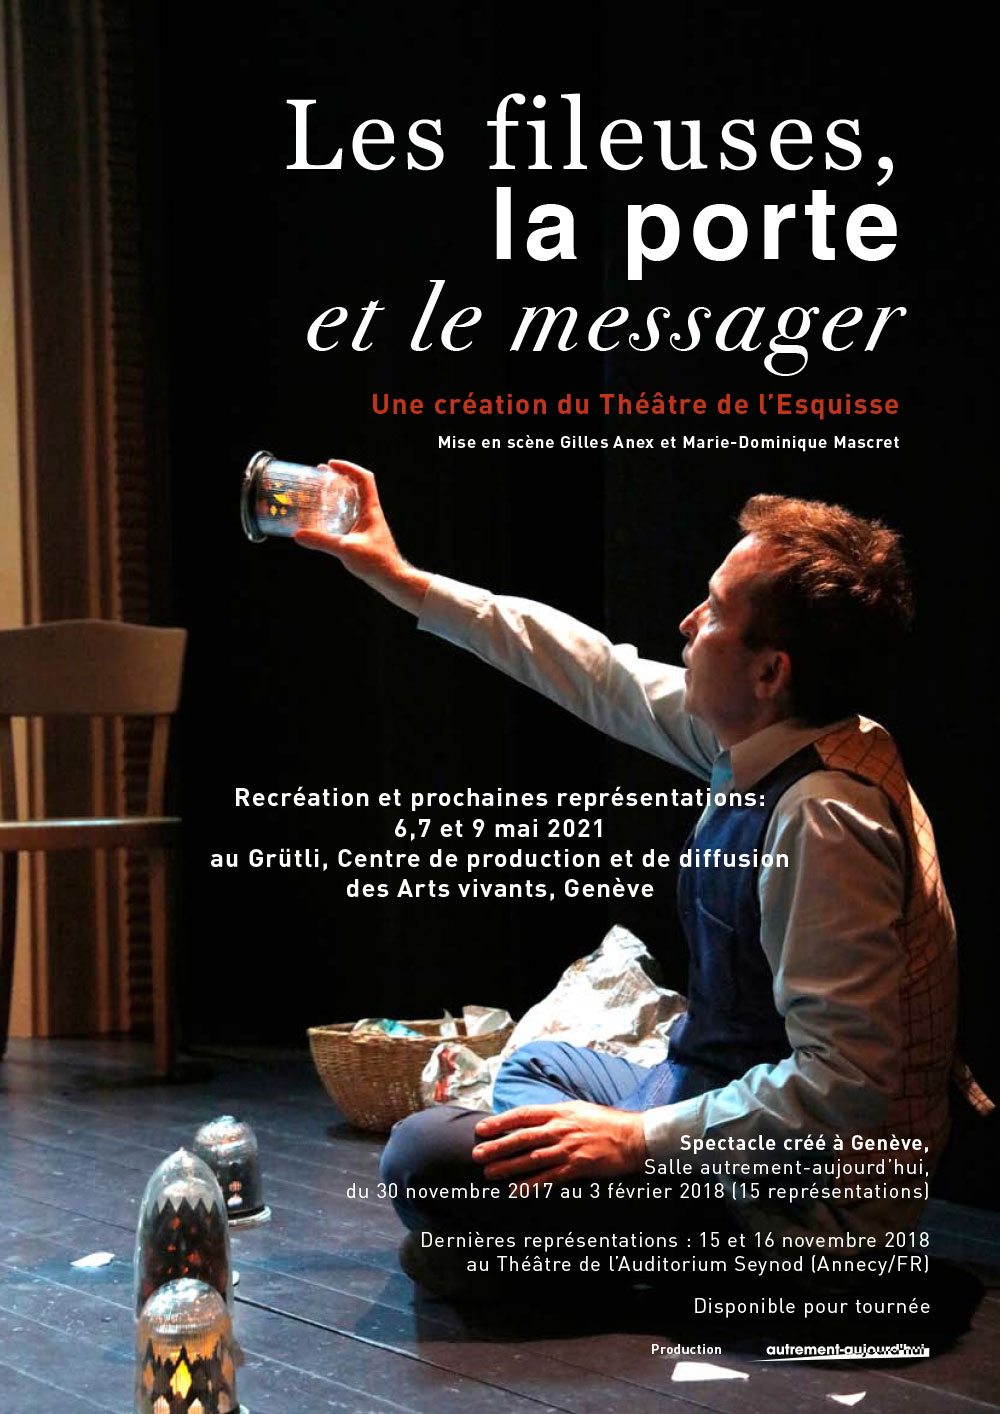 DP_Les fileuses, la porte et le messager, Théâtre de l'Esquisse, Genève, Dossier Presse